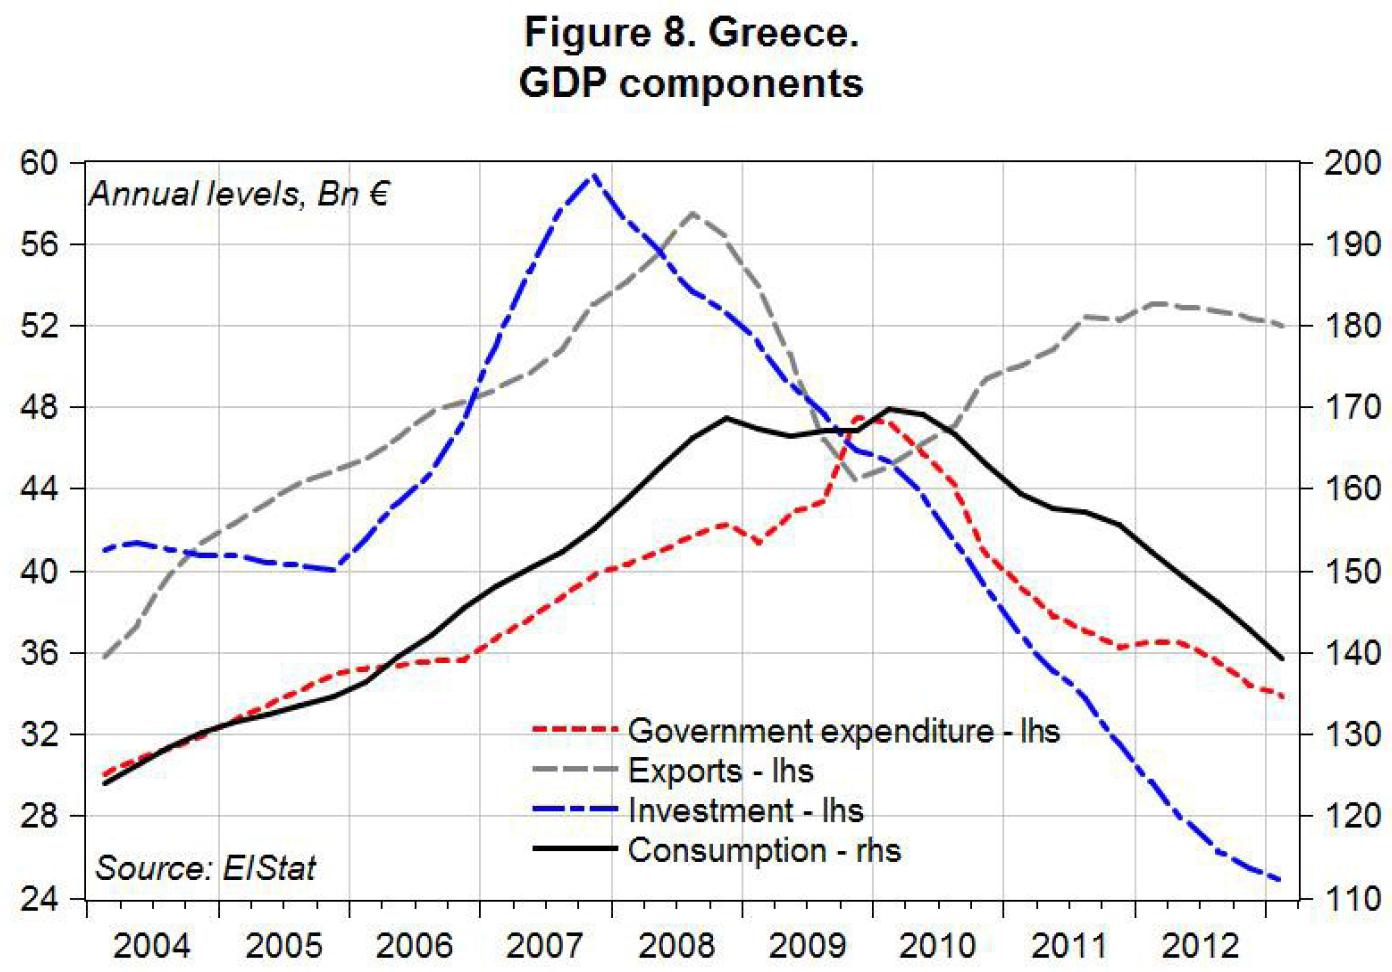 SA_Greece 2013_GDP Components_fig8